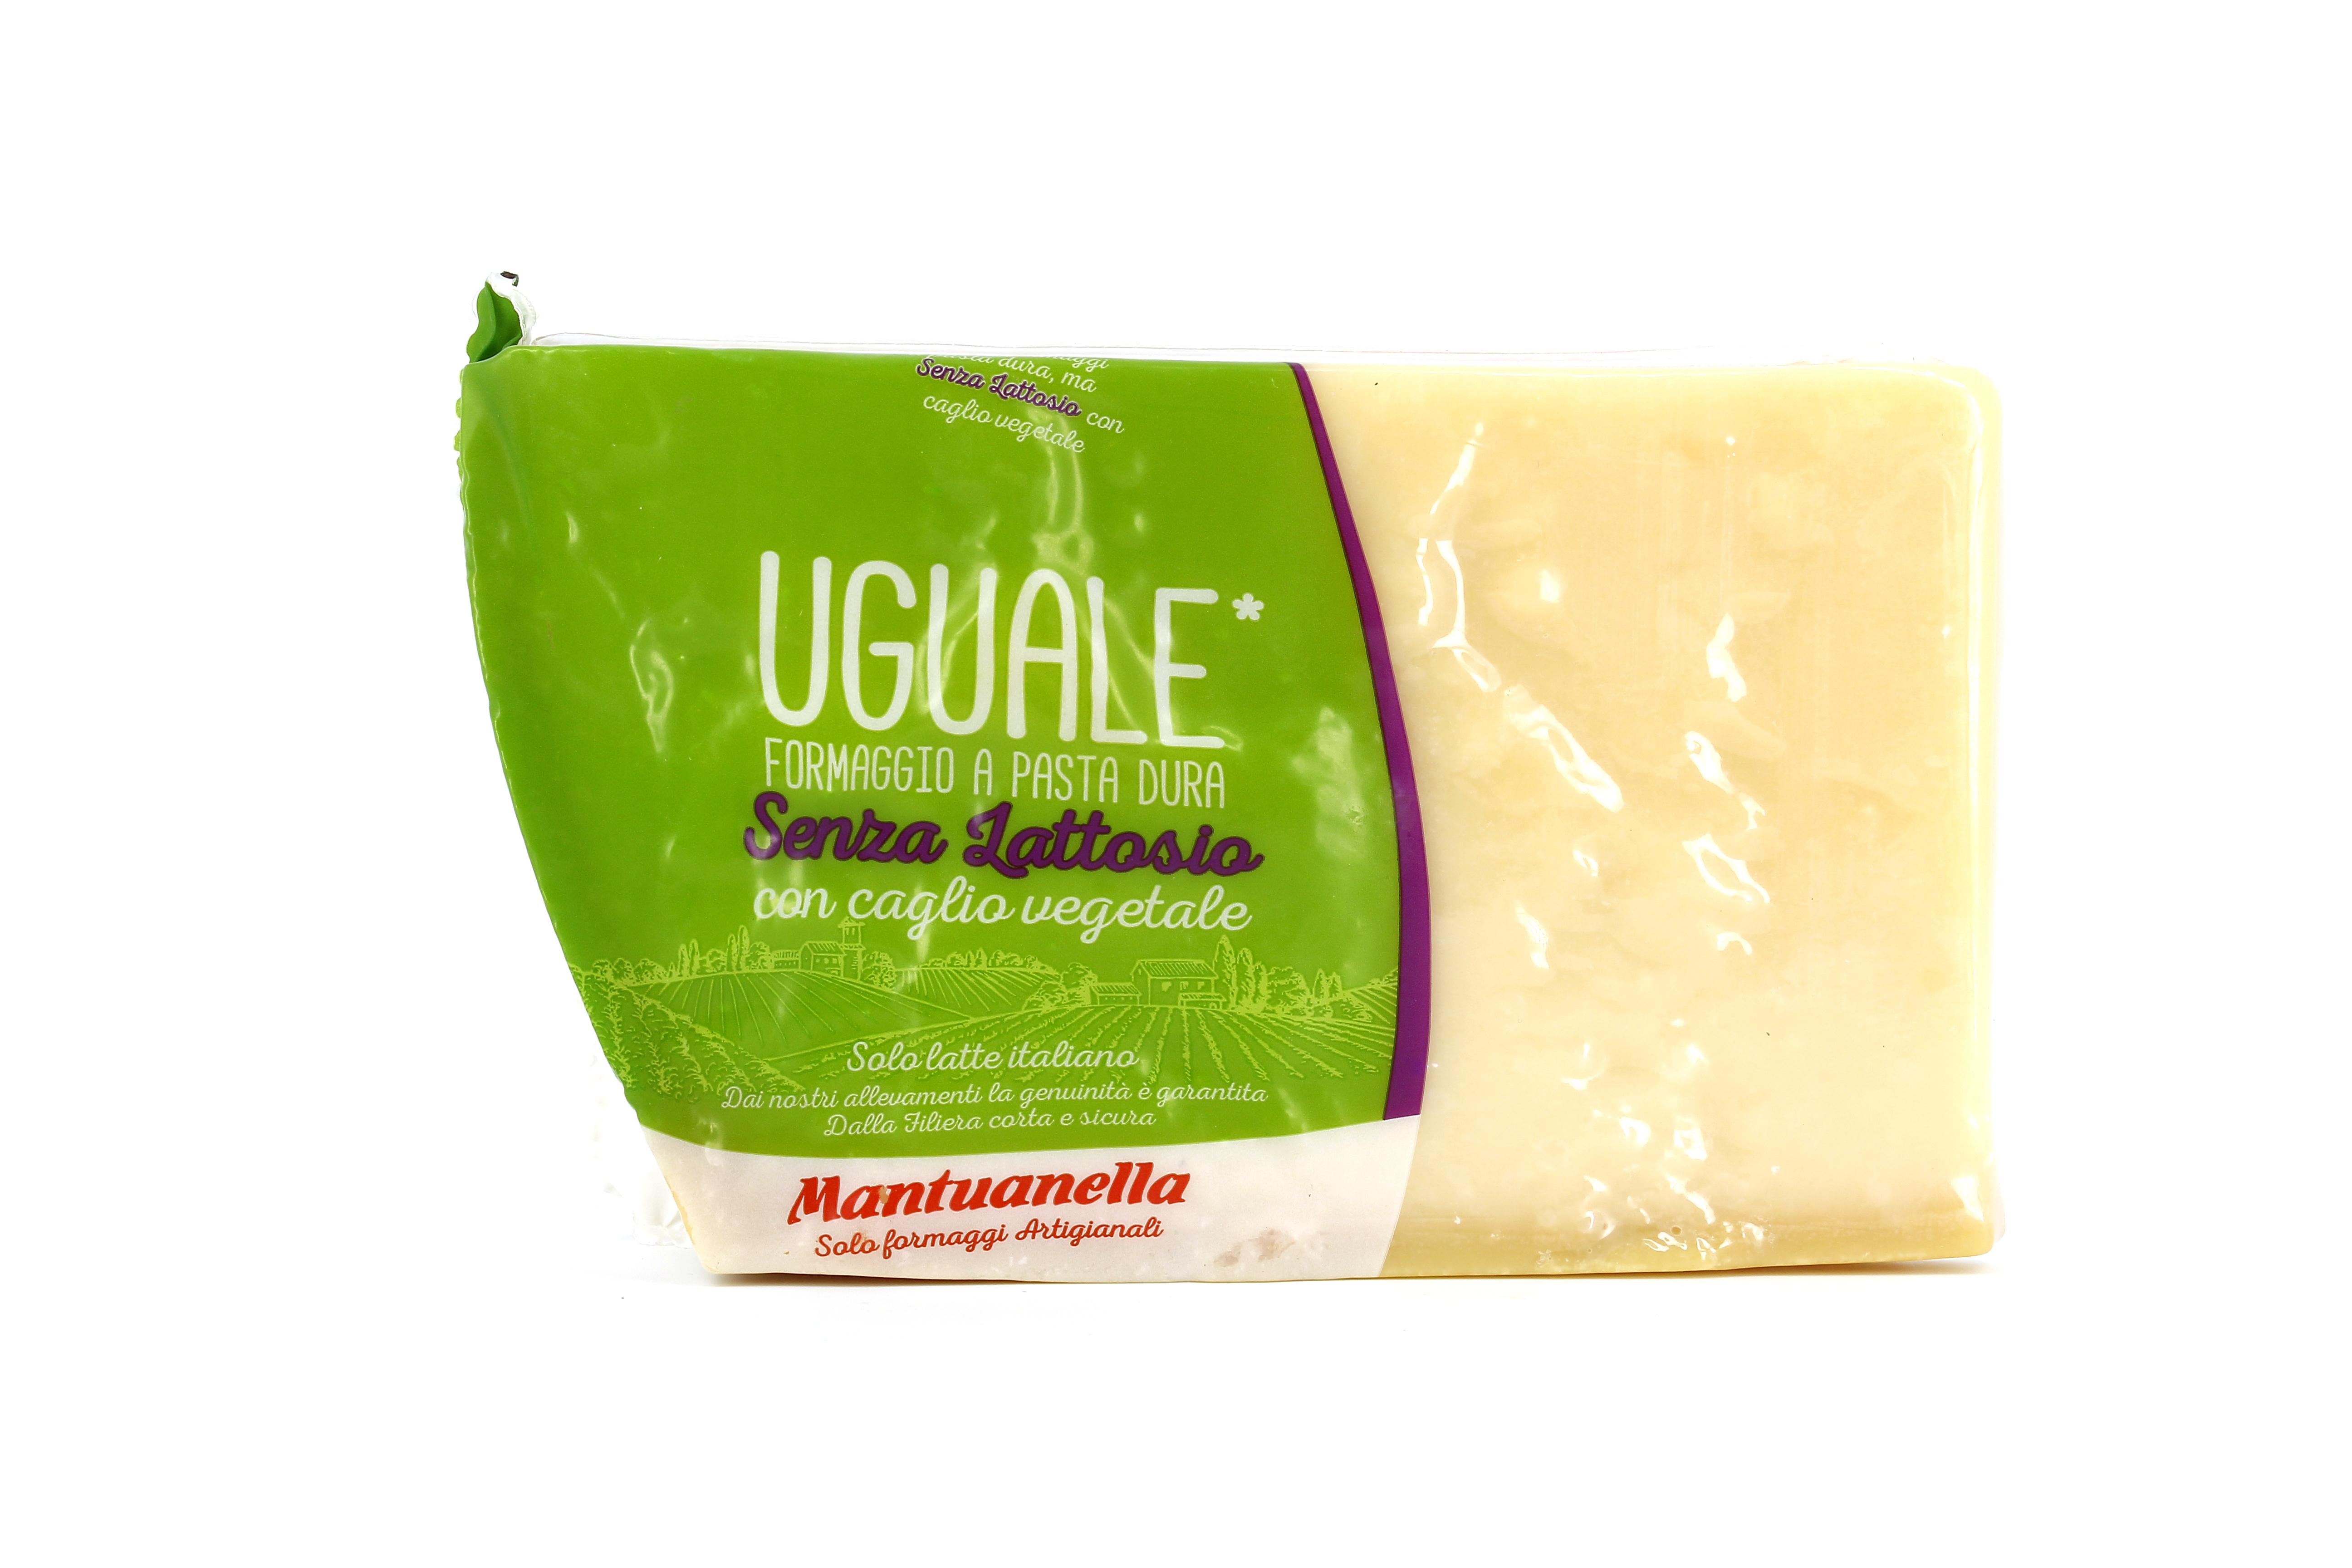 MANTUANELLA UGUALE VERDE SENZA LATTOSIO CON CAGLIO VEGETALE 1 Kg sottovuoto (peso variabile)